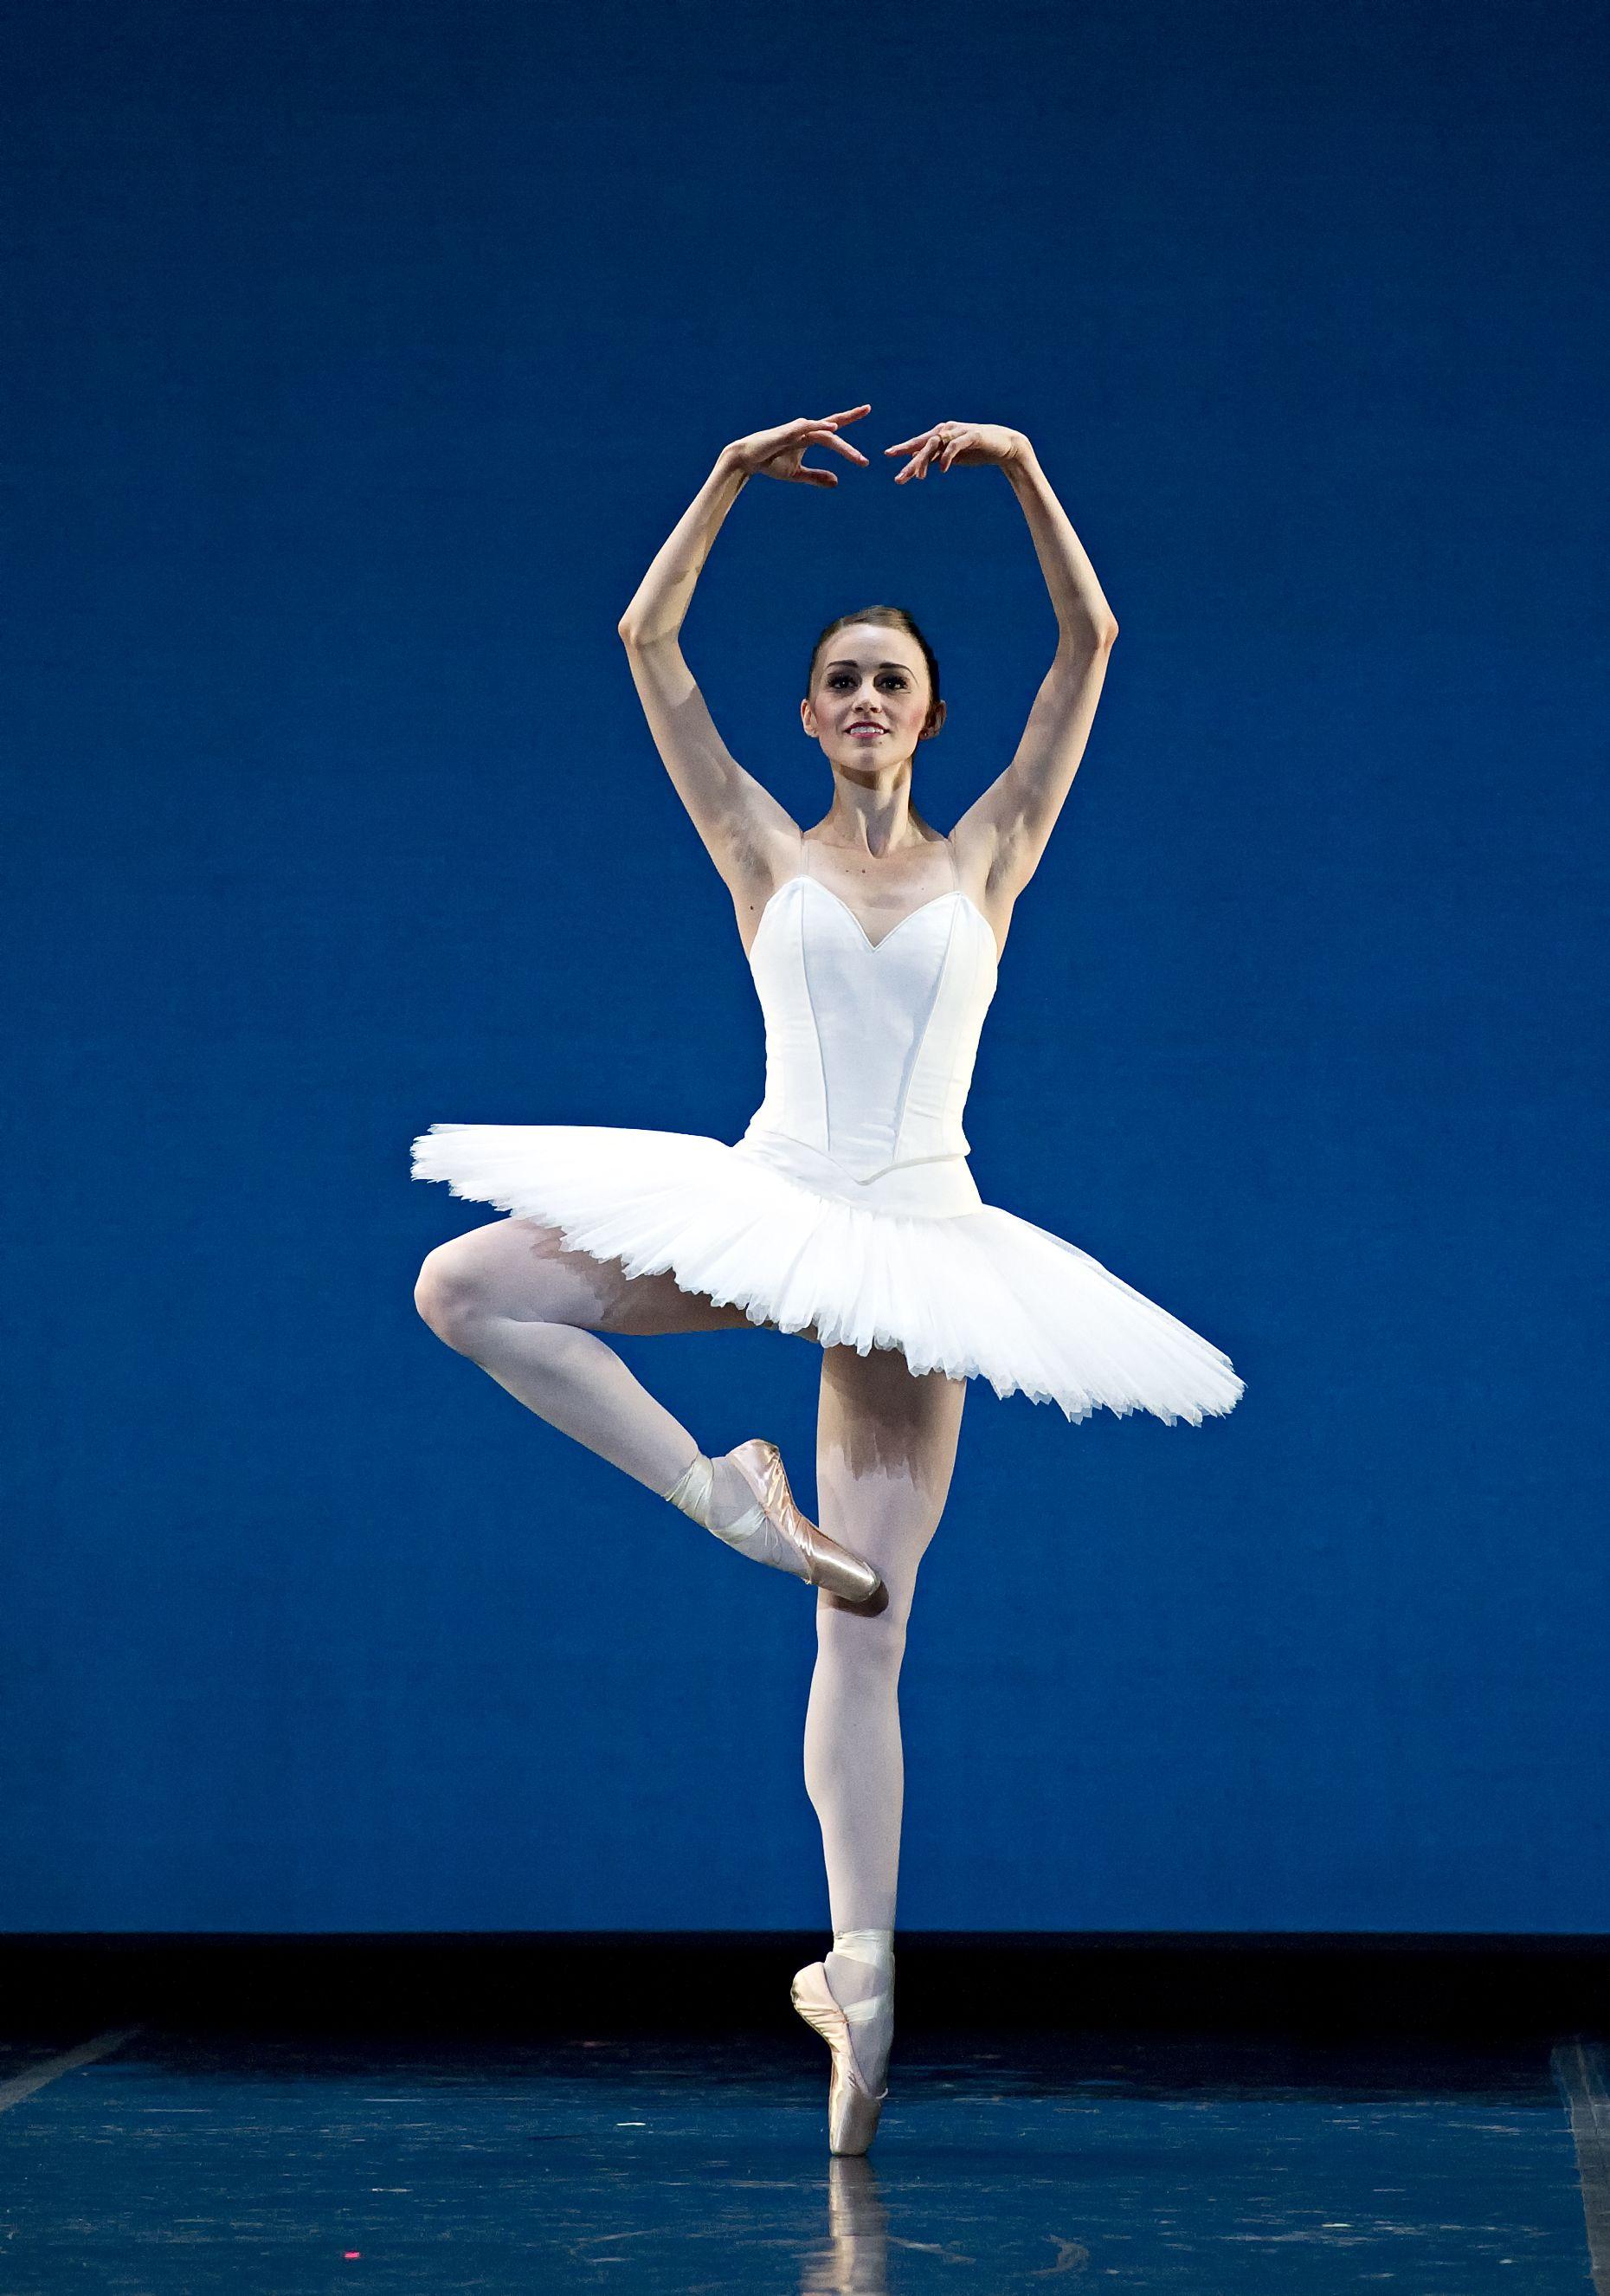 Картинка балерины вращается